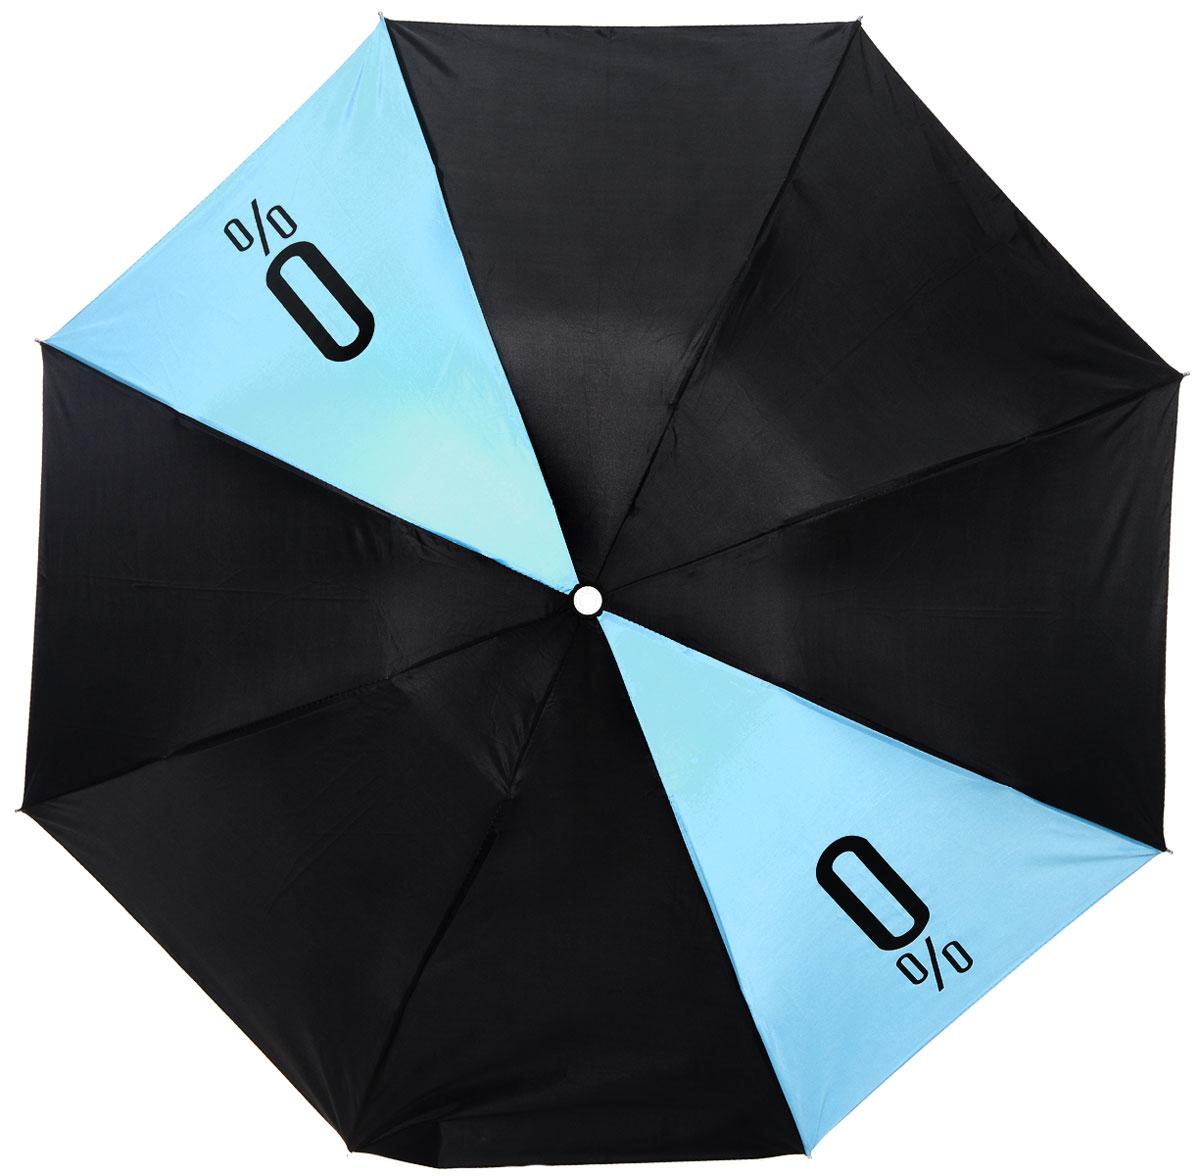 Зонт Эврика, механика, 2 сложения, цвет: голубой, черный. 8998389983Оригинальный зонт Эврика надежно защитит вас от дождя. Купол, оформленный оригинальным принтом, выполнен из высококачественного ПВХ, который не пропускает воду. Каркас зонта, выполненный из прочного металла, состоит из восьми спиц. Зонт имеет механический тип сложения: открывается и закрывается вручную до характерного щелчка. Удобная ручка выполнена из пластика. Футляр из пластика выполнен в виде бутылки.